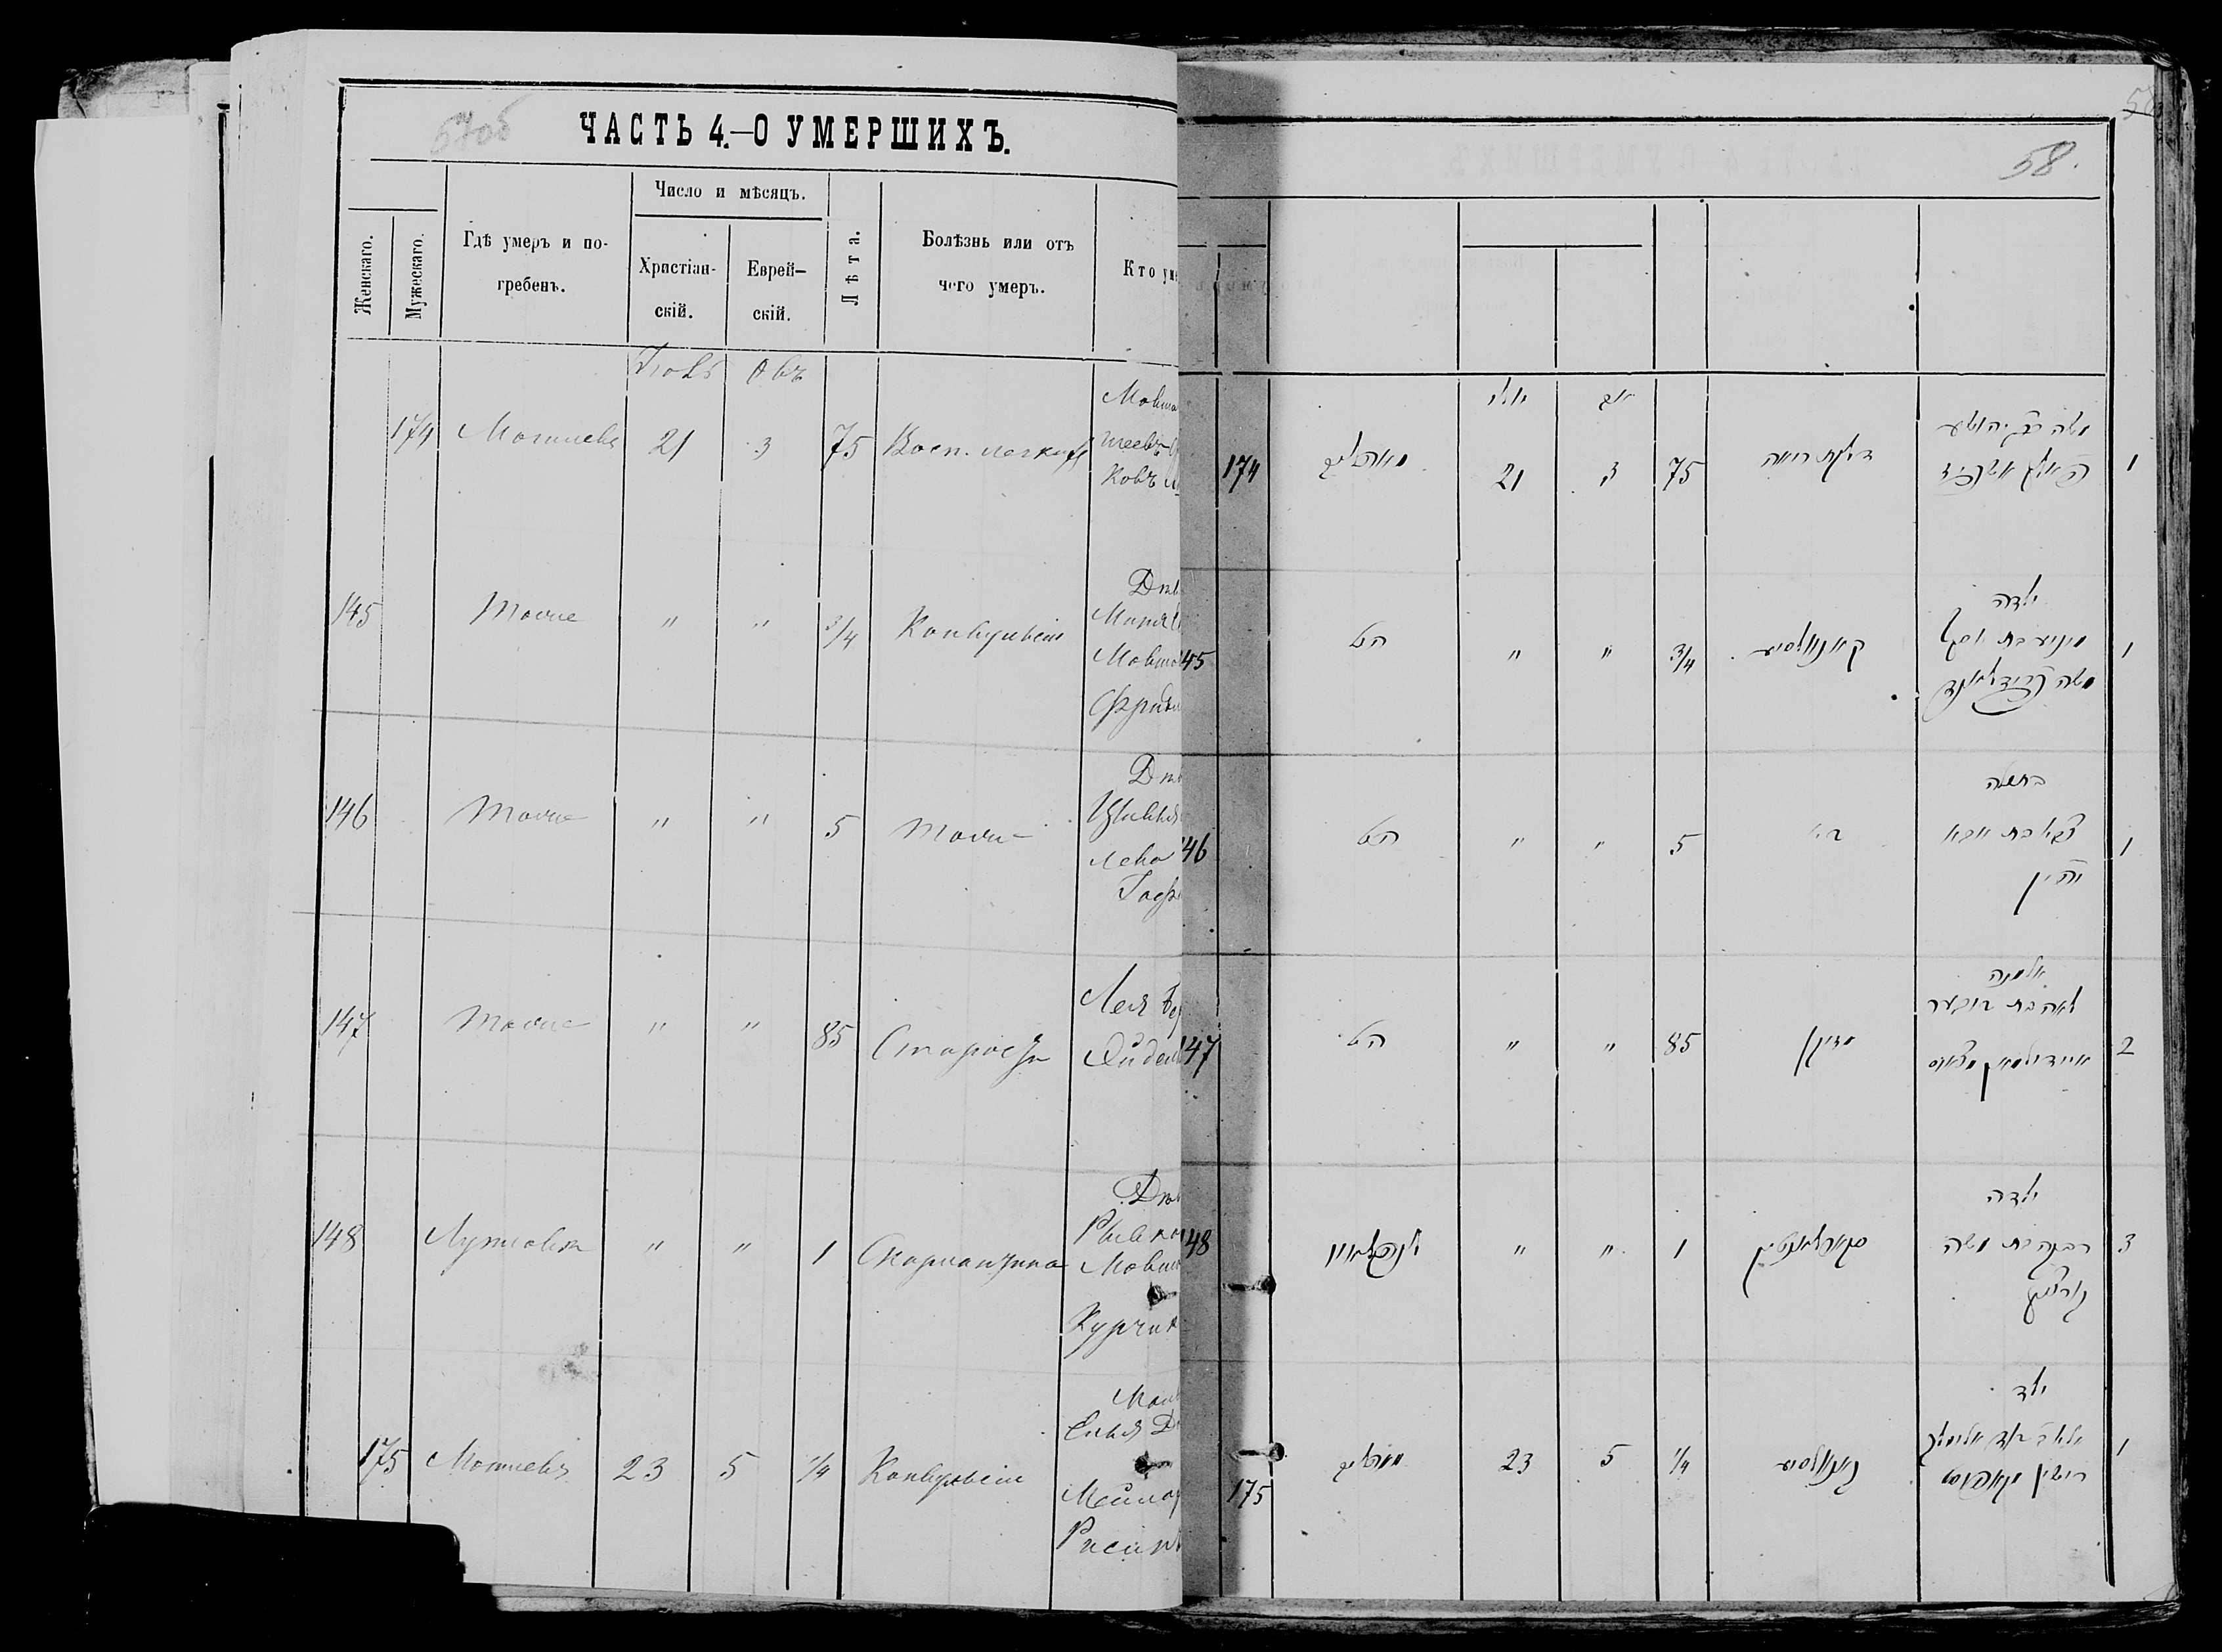 Ривка Мовшевна Курчик ум. 23 июля 1878, запись 148, пленка 007766481, снимок 174